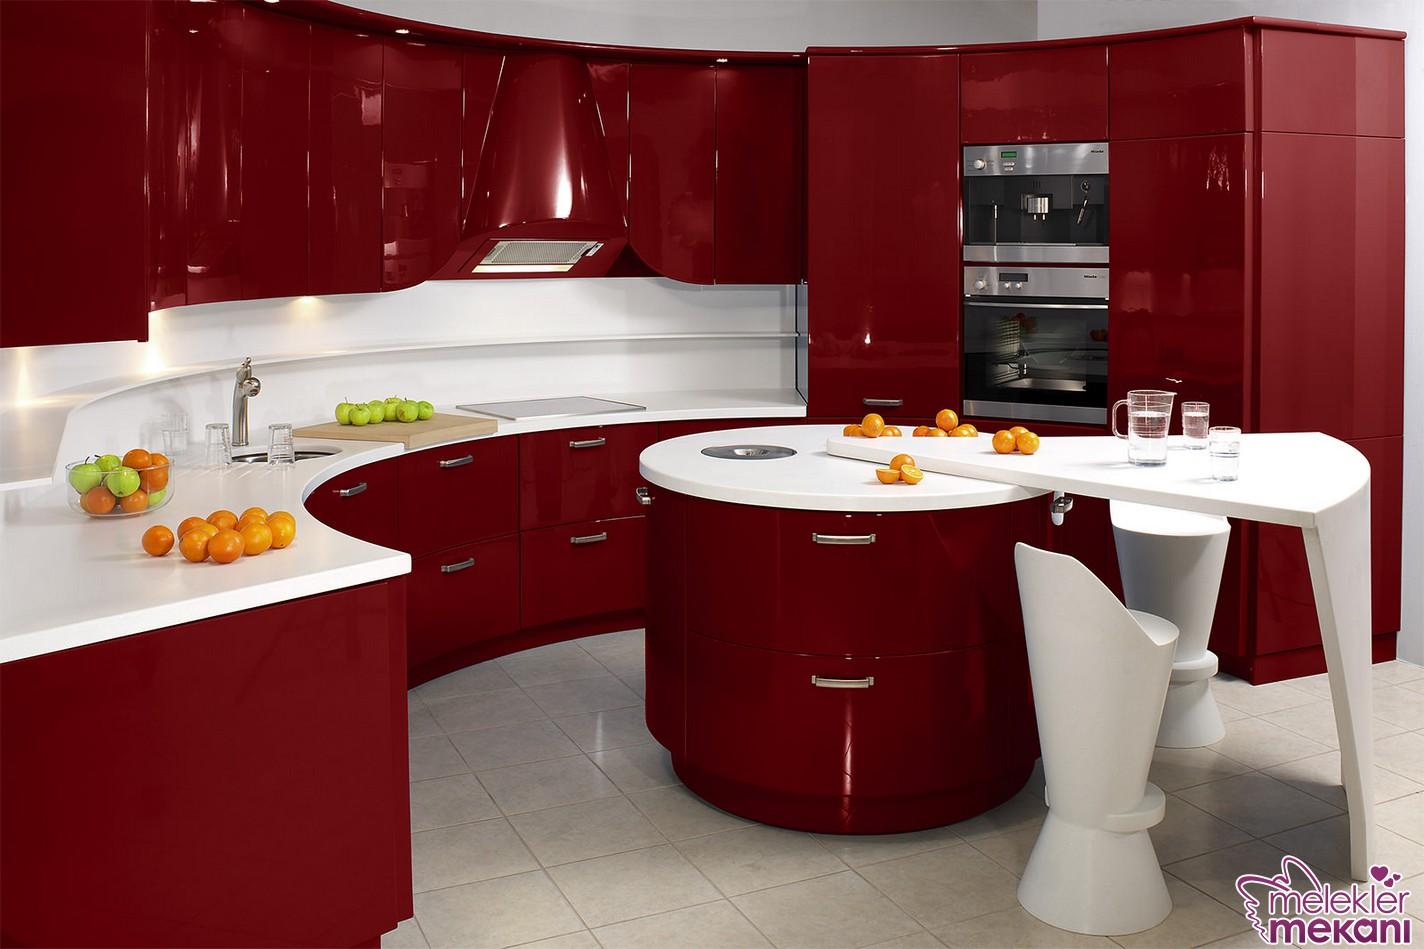 kırmızı beyaz mutfak dolapları ile mutfağınızda lükslük yakalayabilirsiniz